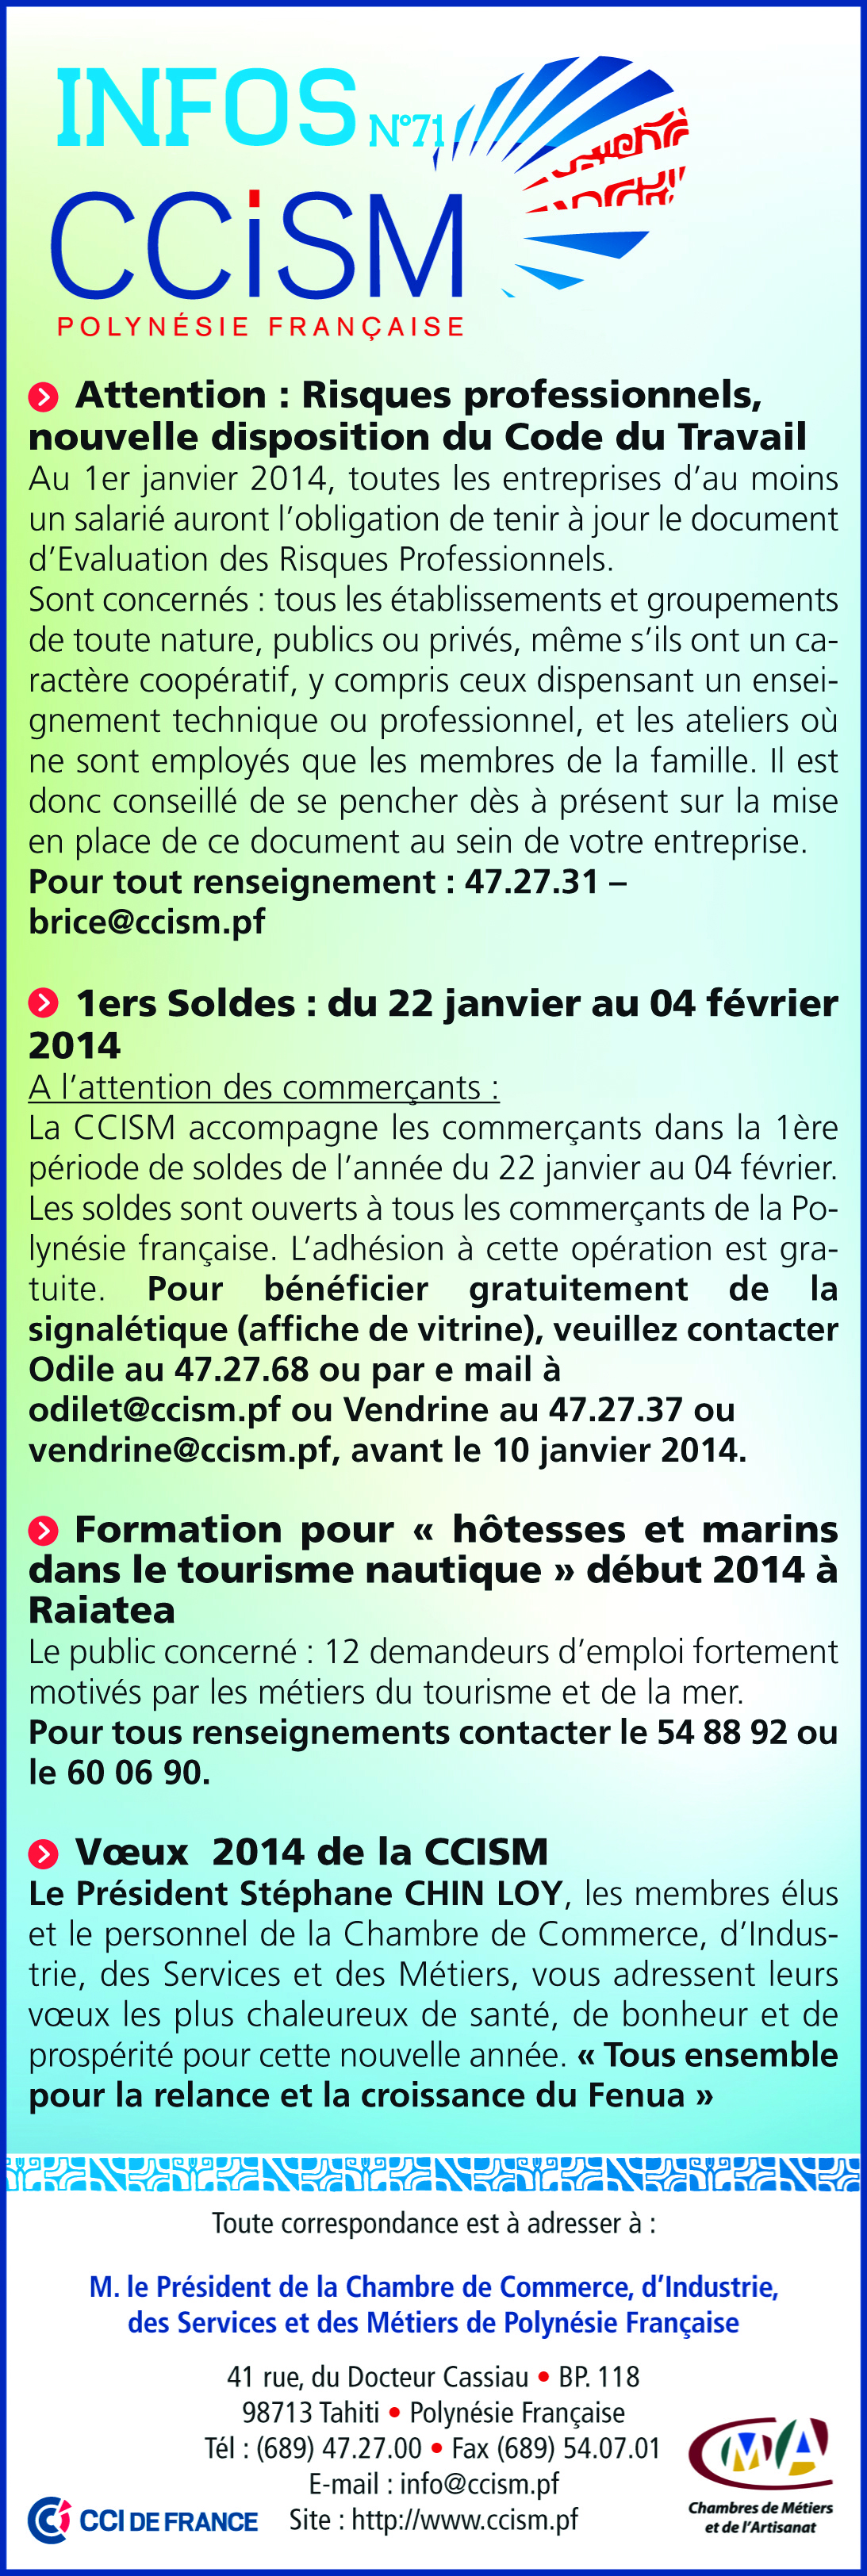 Infos CCISM N°71